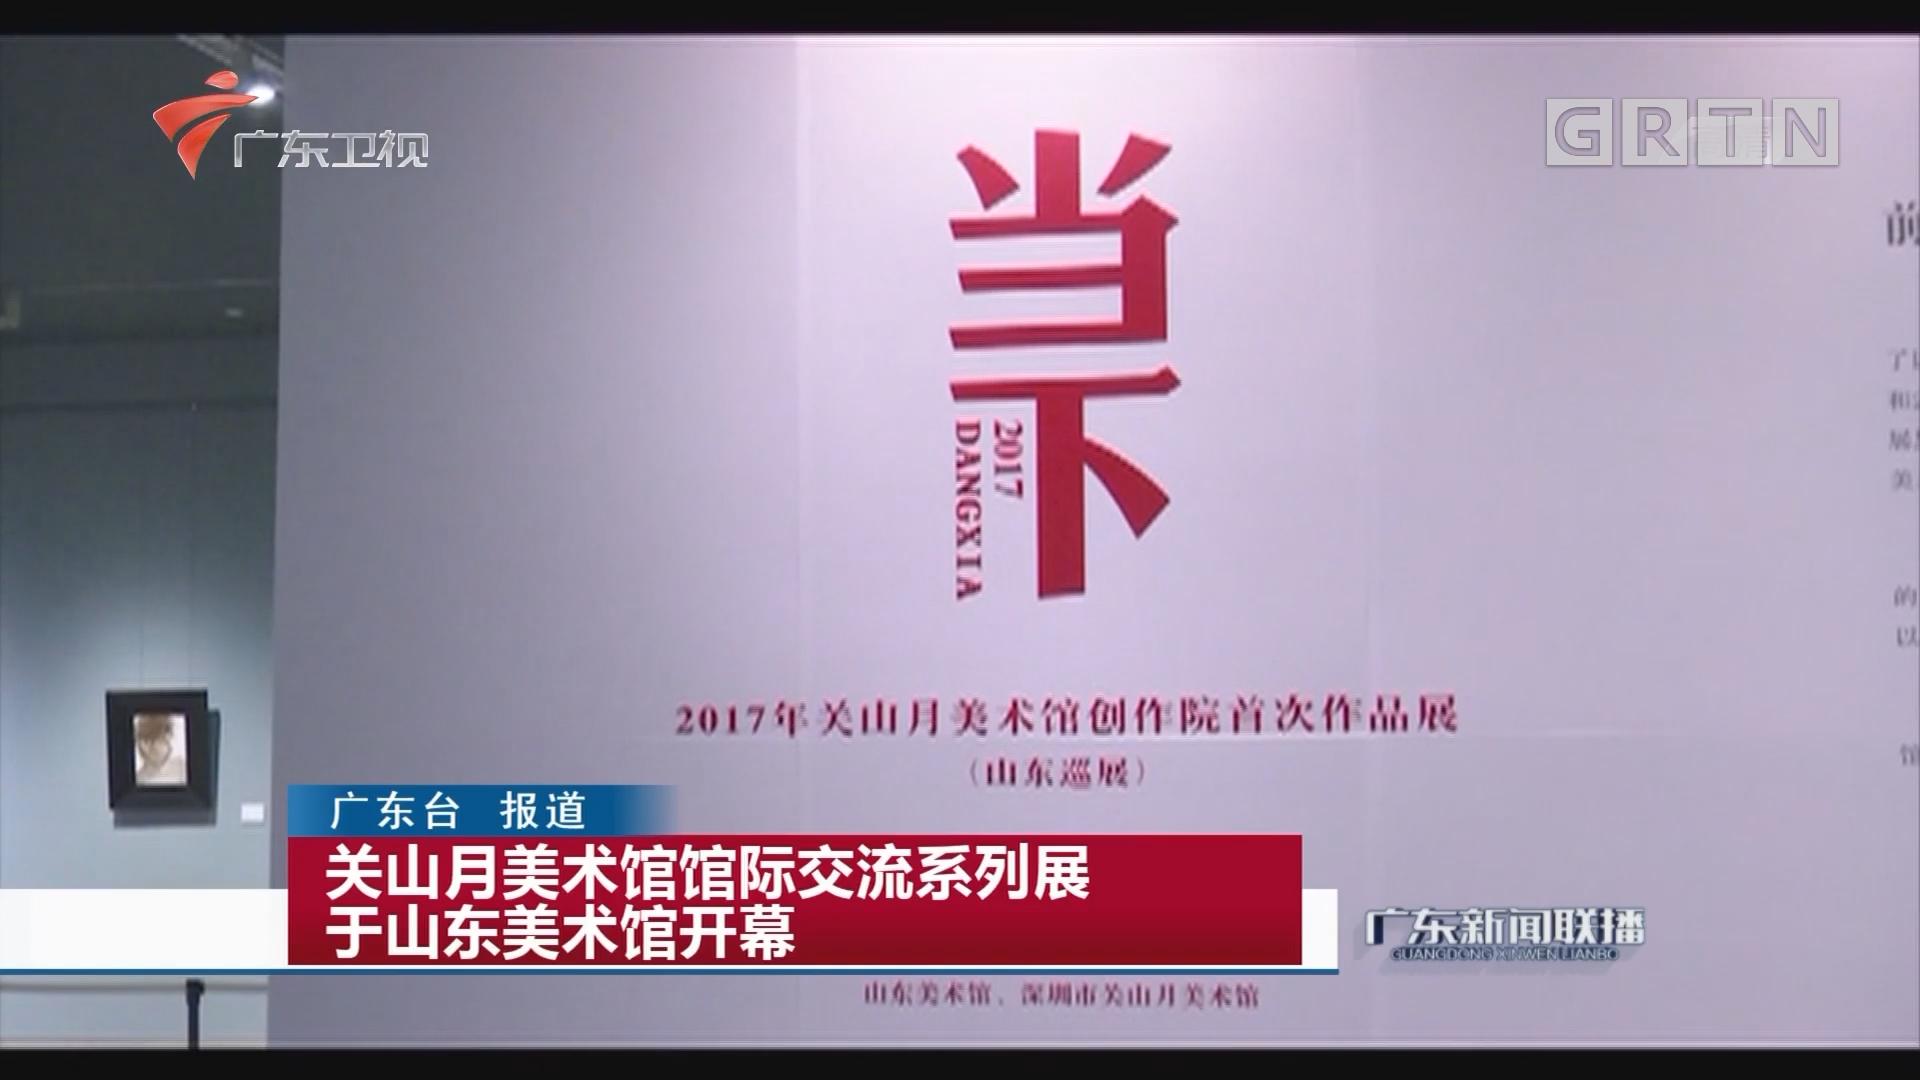 关山月美术馆馆际交流系列展于山东美术馆开幕